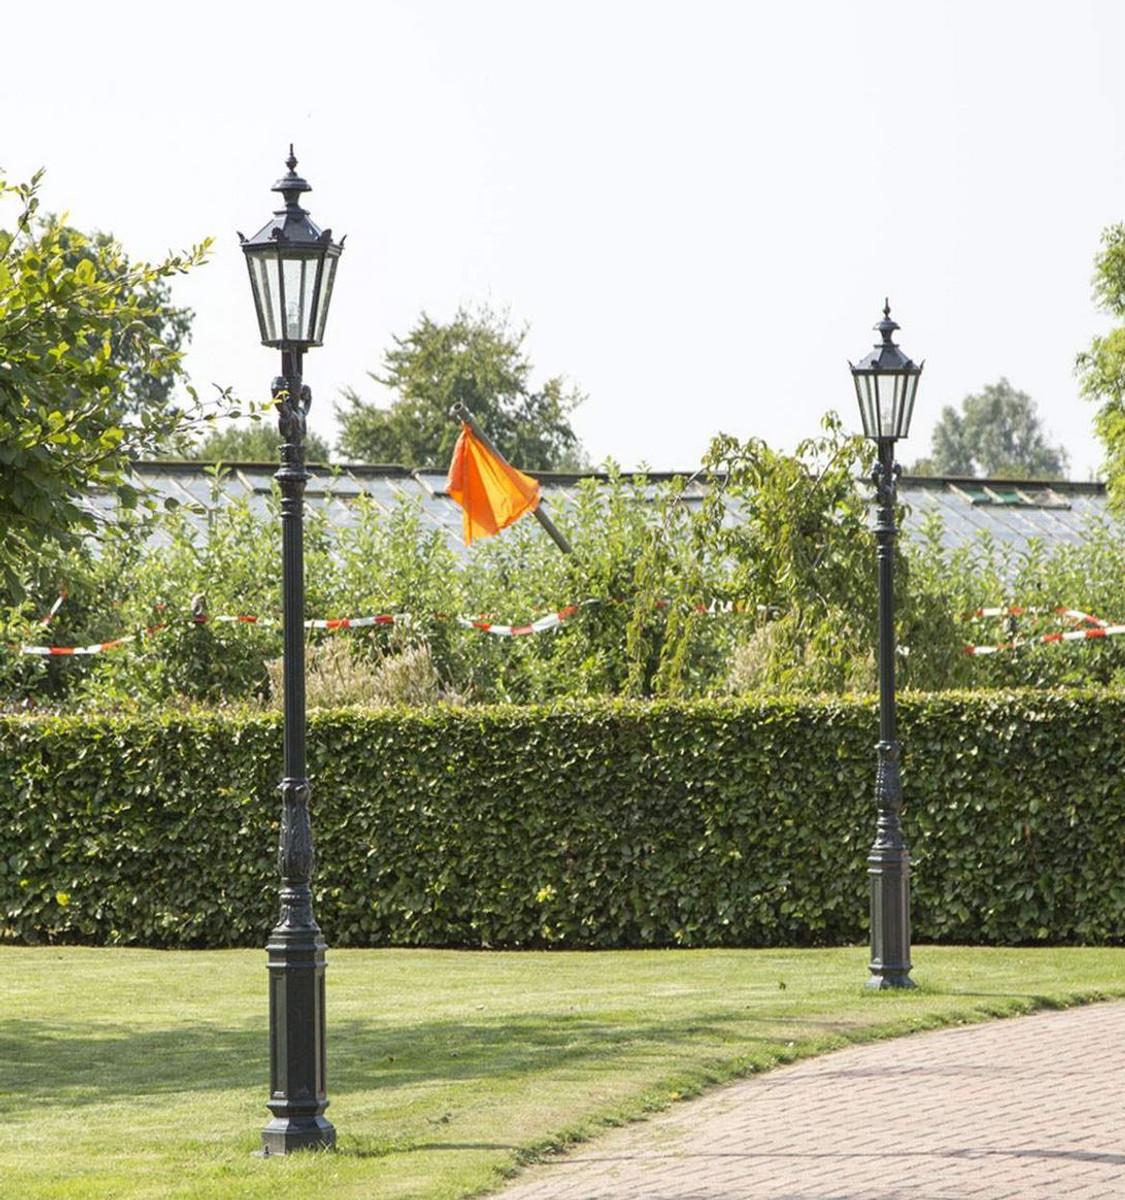 Casa Padrino Linterna Barroco de Jardín 42 x 35 x H. 315 cm - Varios  Colores - Luz Exterior Resistente a la Intemperie